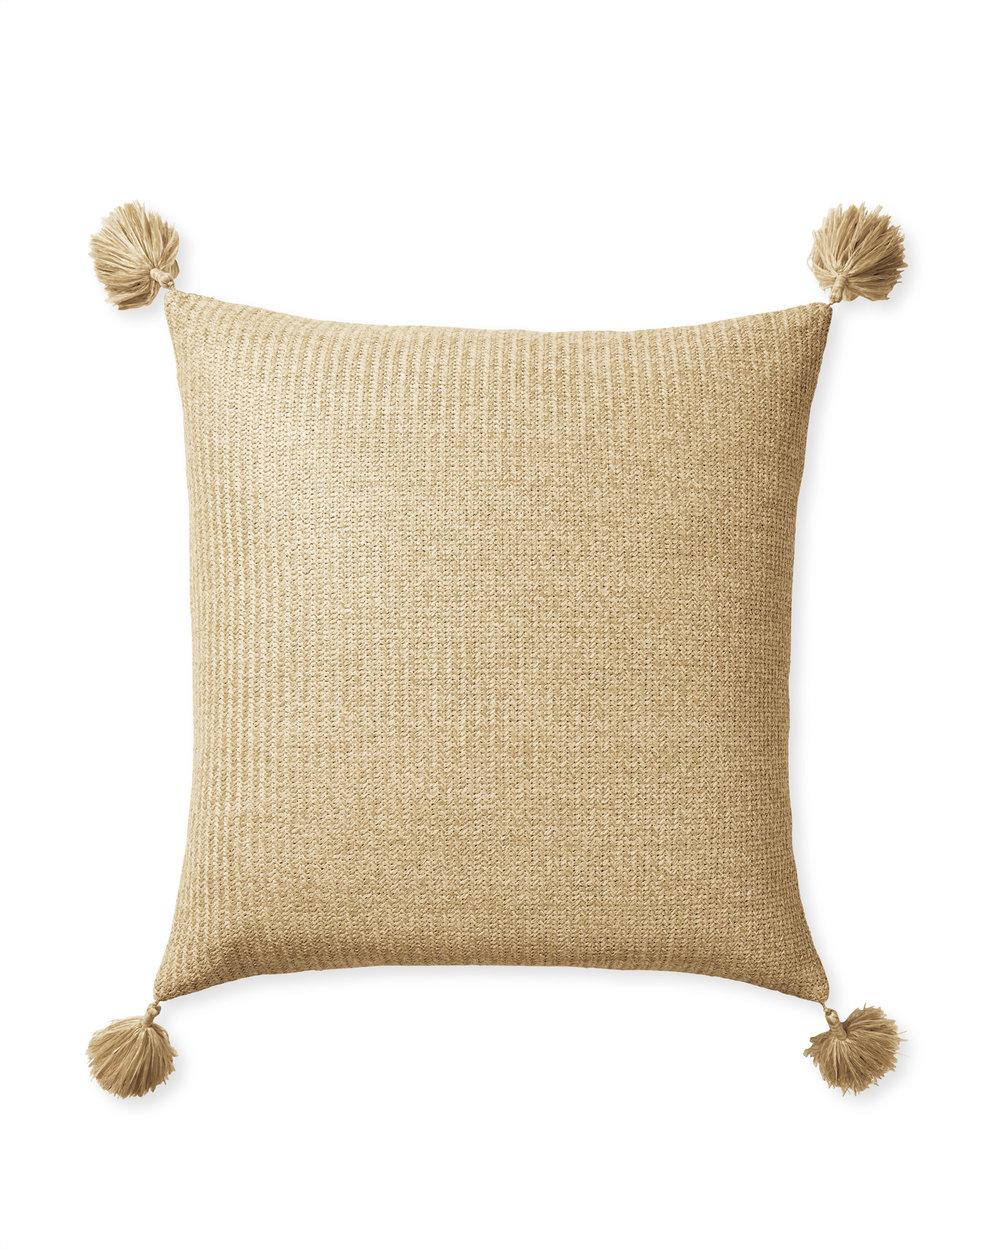 Dec_Pillow_Natural_PP_24x24_Natural_MV_Crop_SH_NEW.jpg